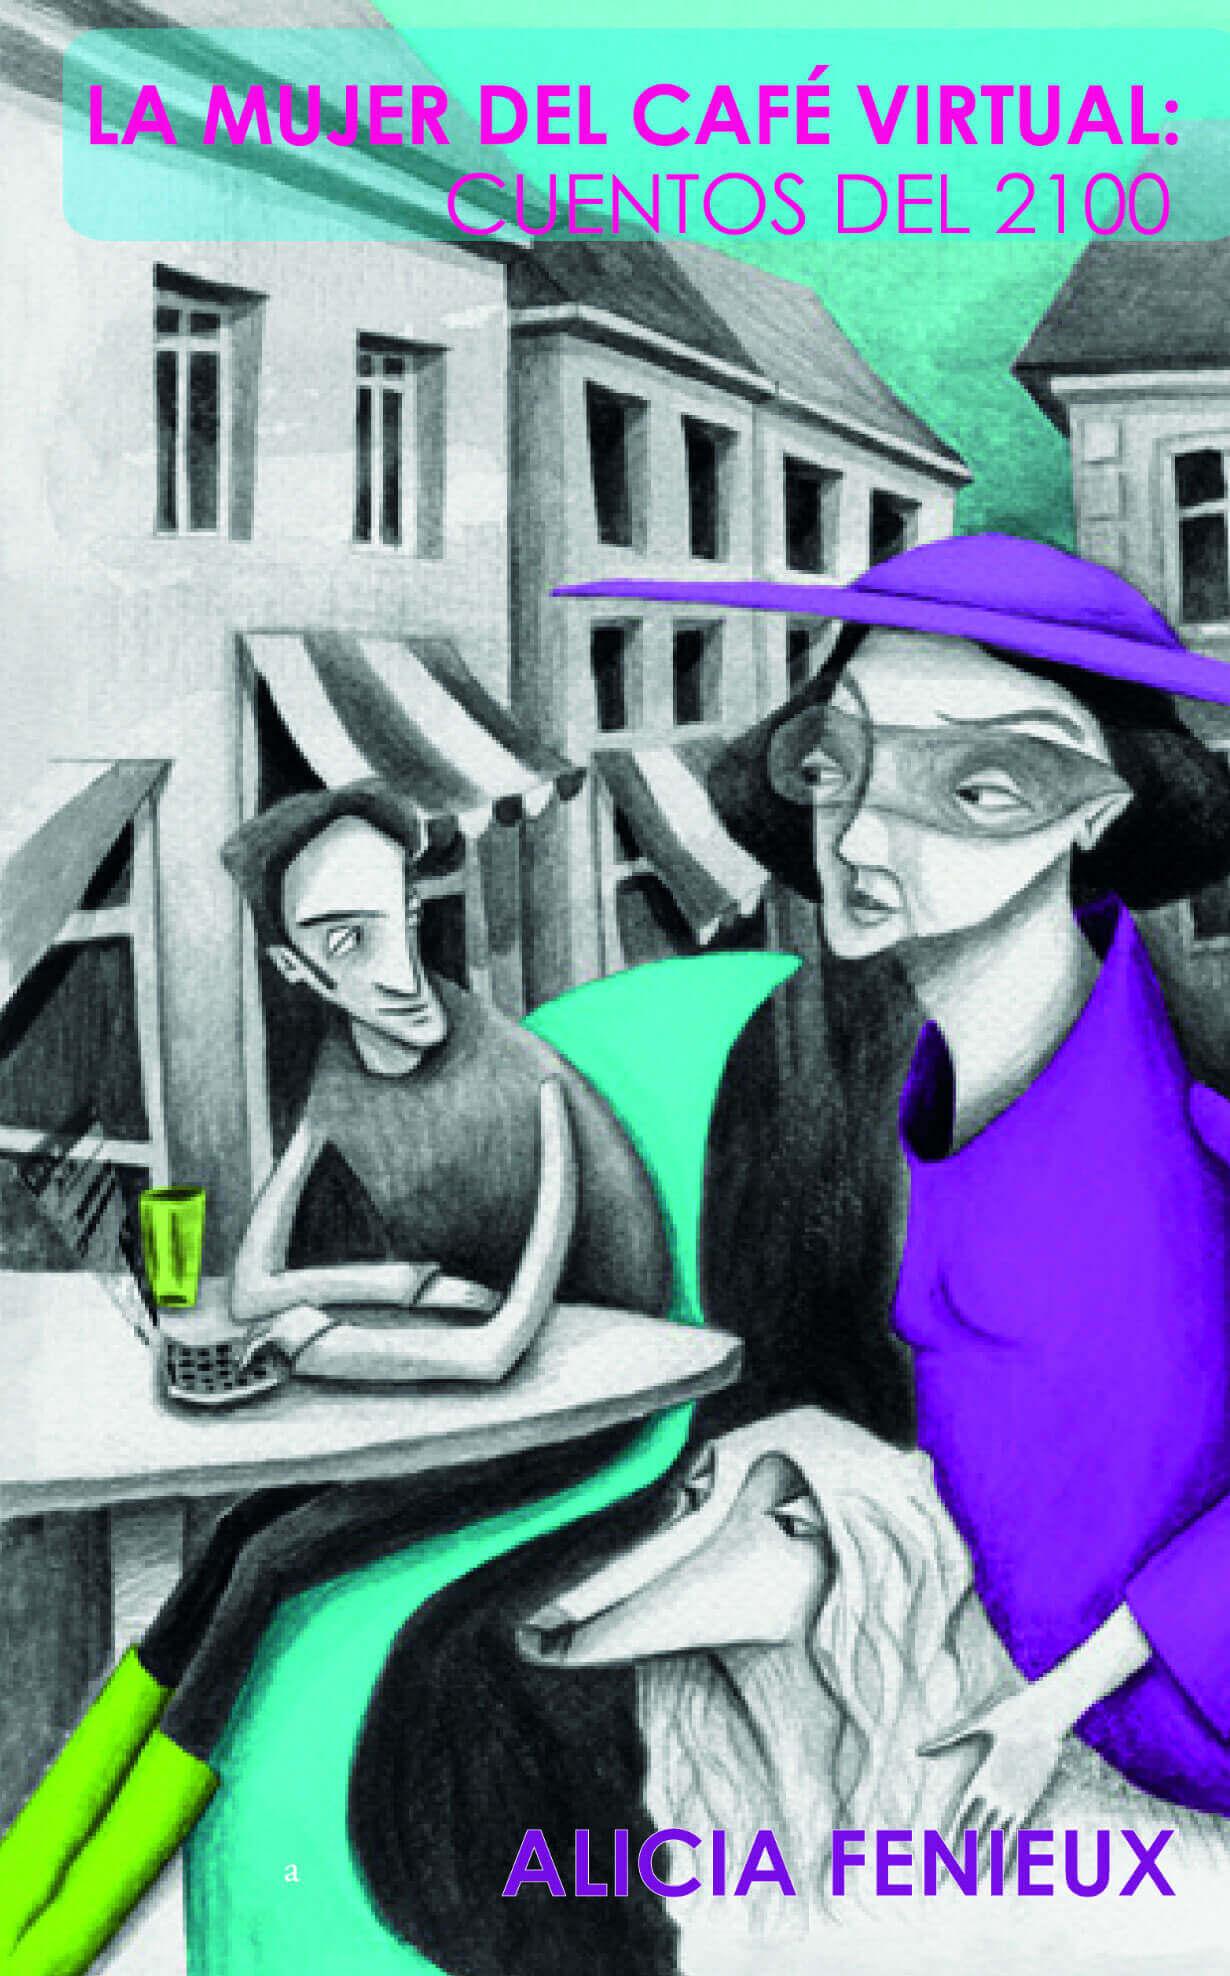 La mujer el café virtual